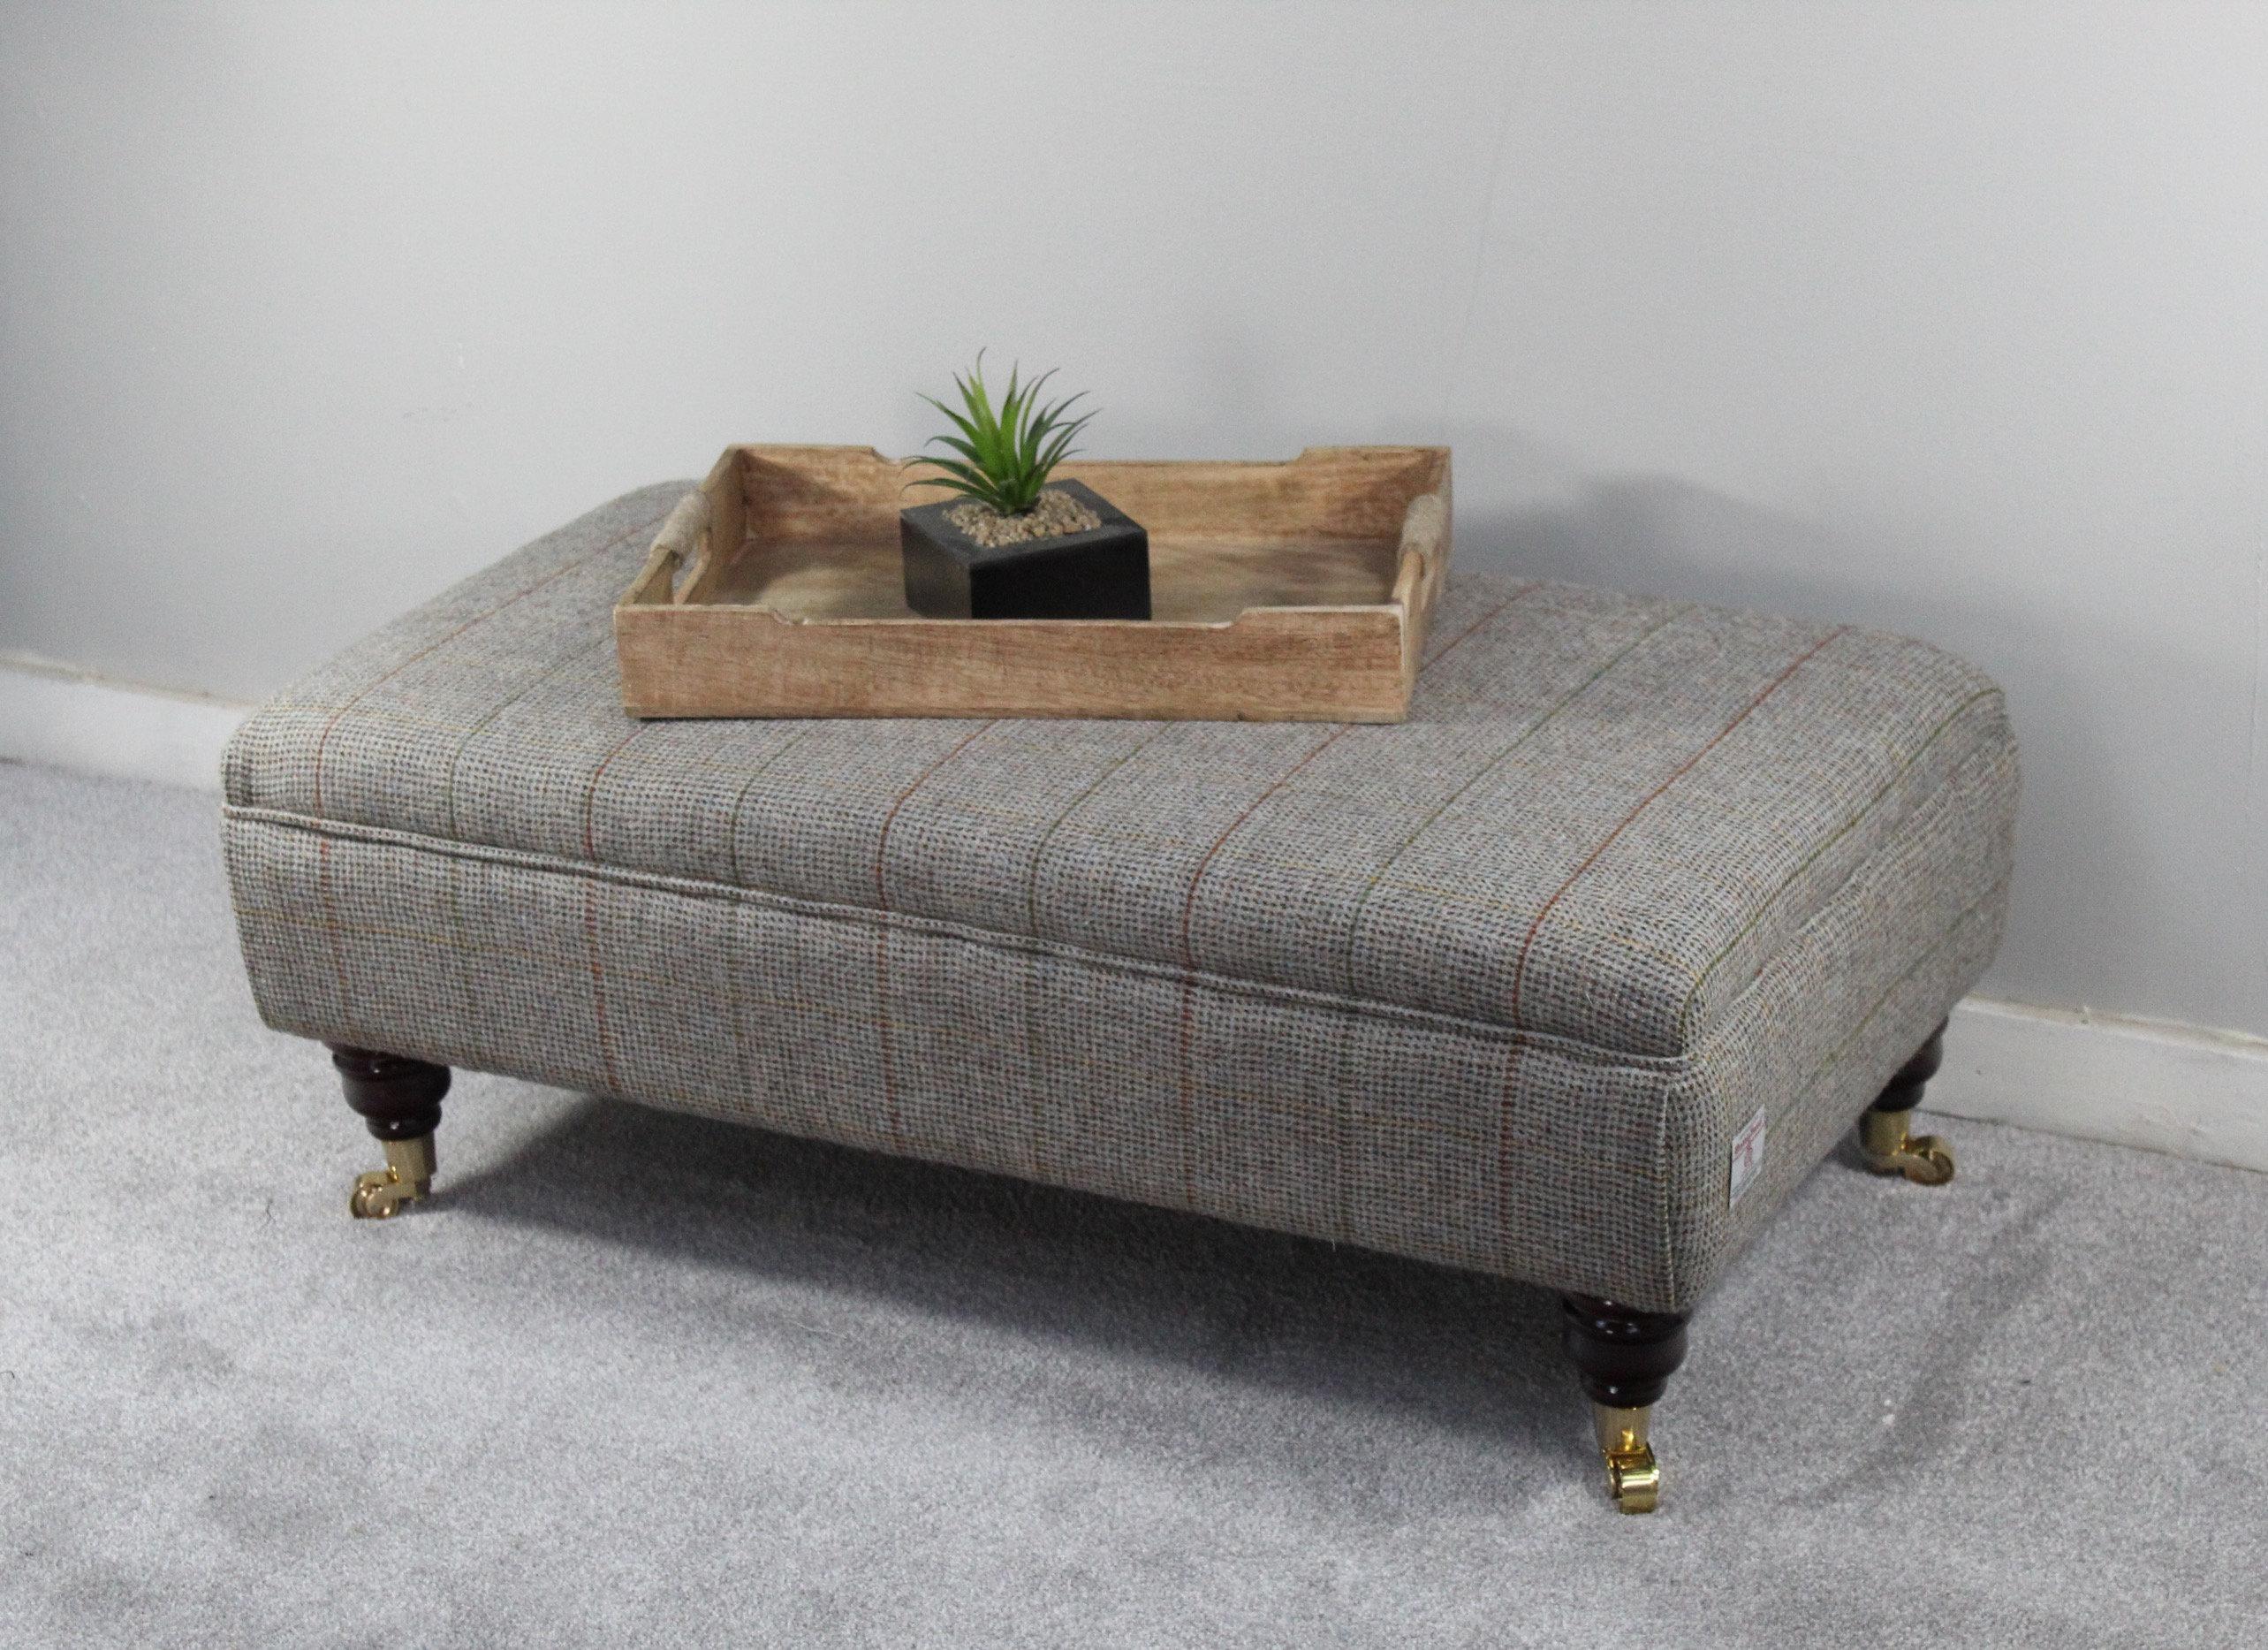 Harris Tweed Footstool Coffee Table Corncrake Tweed